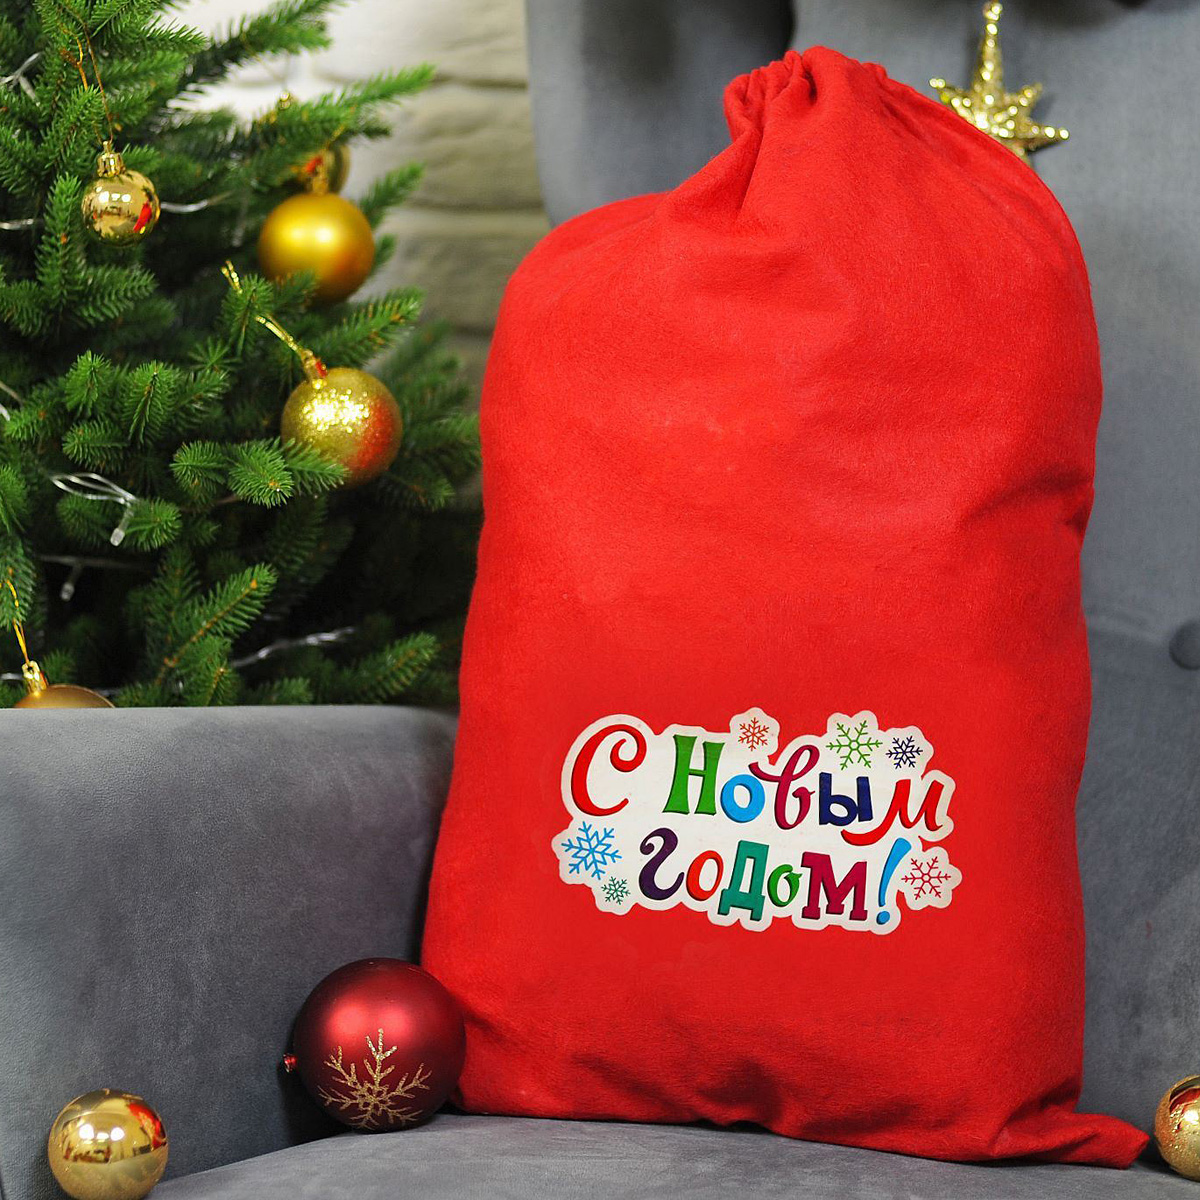 Упаковка подарочная Страна Карнавалия Мешок Деда Мороза. С Новым Годом. Снежинки, цвет: красный, 40 х 60 см1365013Подарочная упаковка Страна Карнавалия Мешок Деда Мороза. С Новым Годом. Снежинки превратит любое торжество в настоящий яркий и веселый карнавал полный сюрпризов и смеха. Яркий красный аксессуар с надписью дополнит любой праздничный наряд, и все близкие будут рады получить из рук краснощекого персонажа заслуженный подарок! Размер: 40 х 60 см.